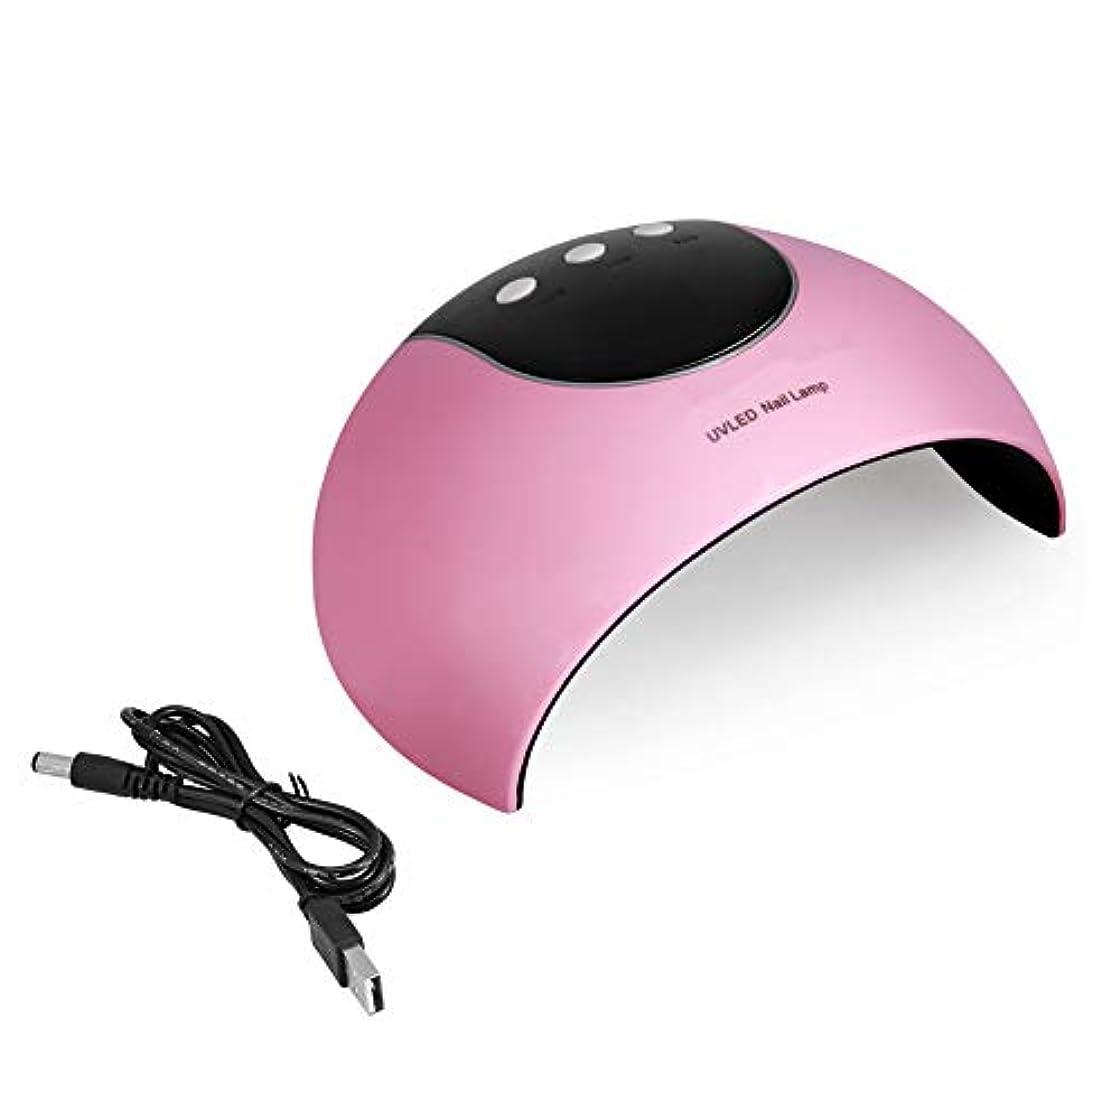 カウントマインド卒業UVネイルランプ - 24W LEDネイルマニキュアランプネイルポリッシュドライヤーオートセンサーマシンネイルアートドライヤーピンク (Color : Pink)